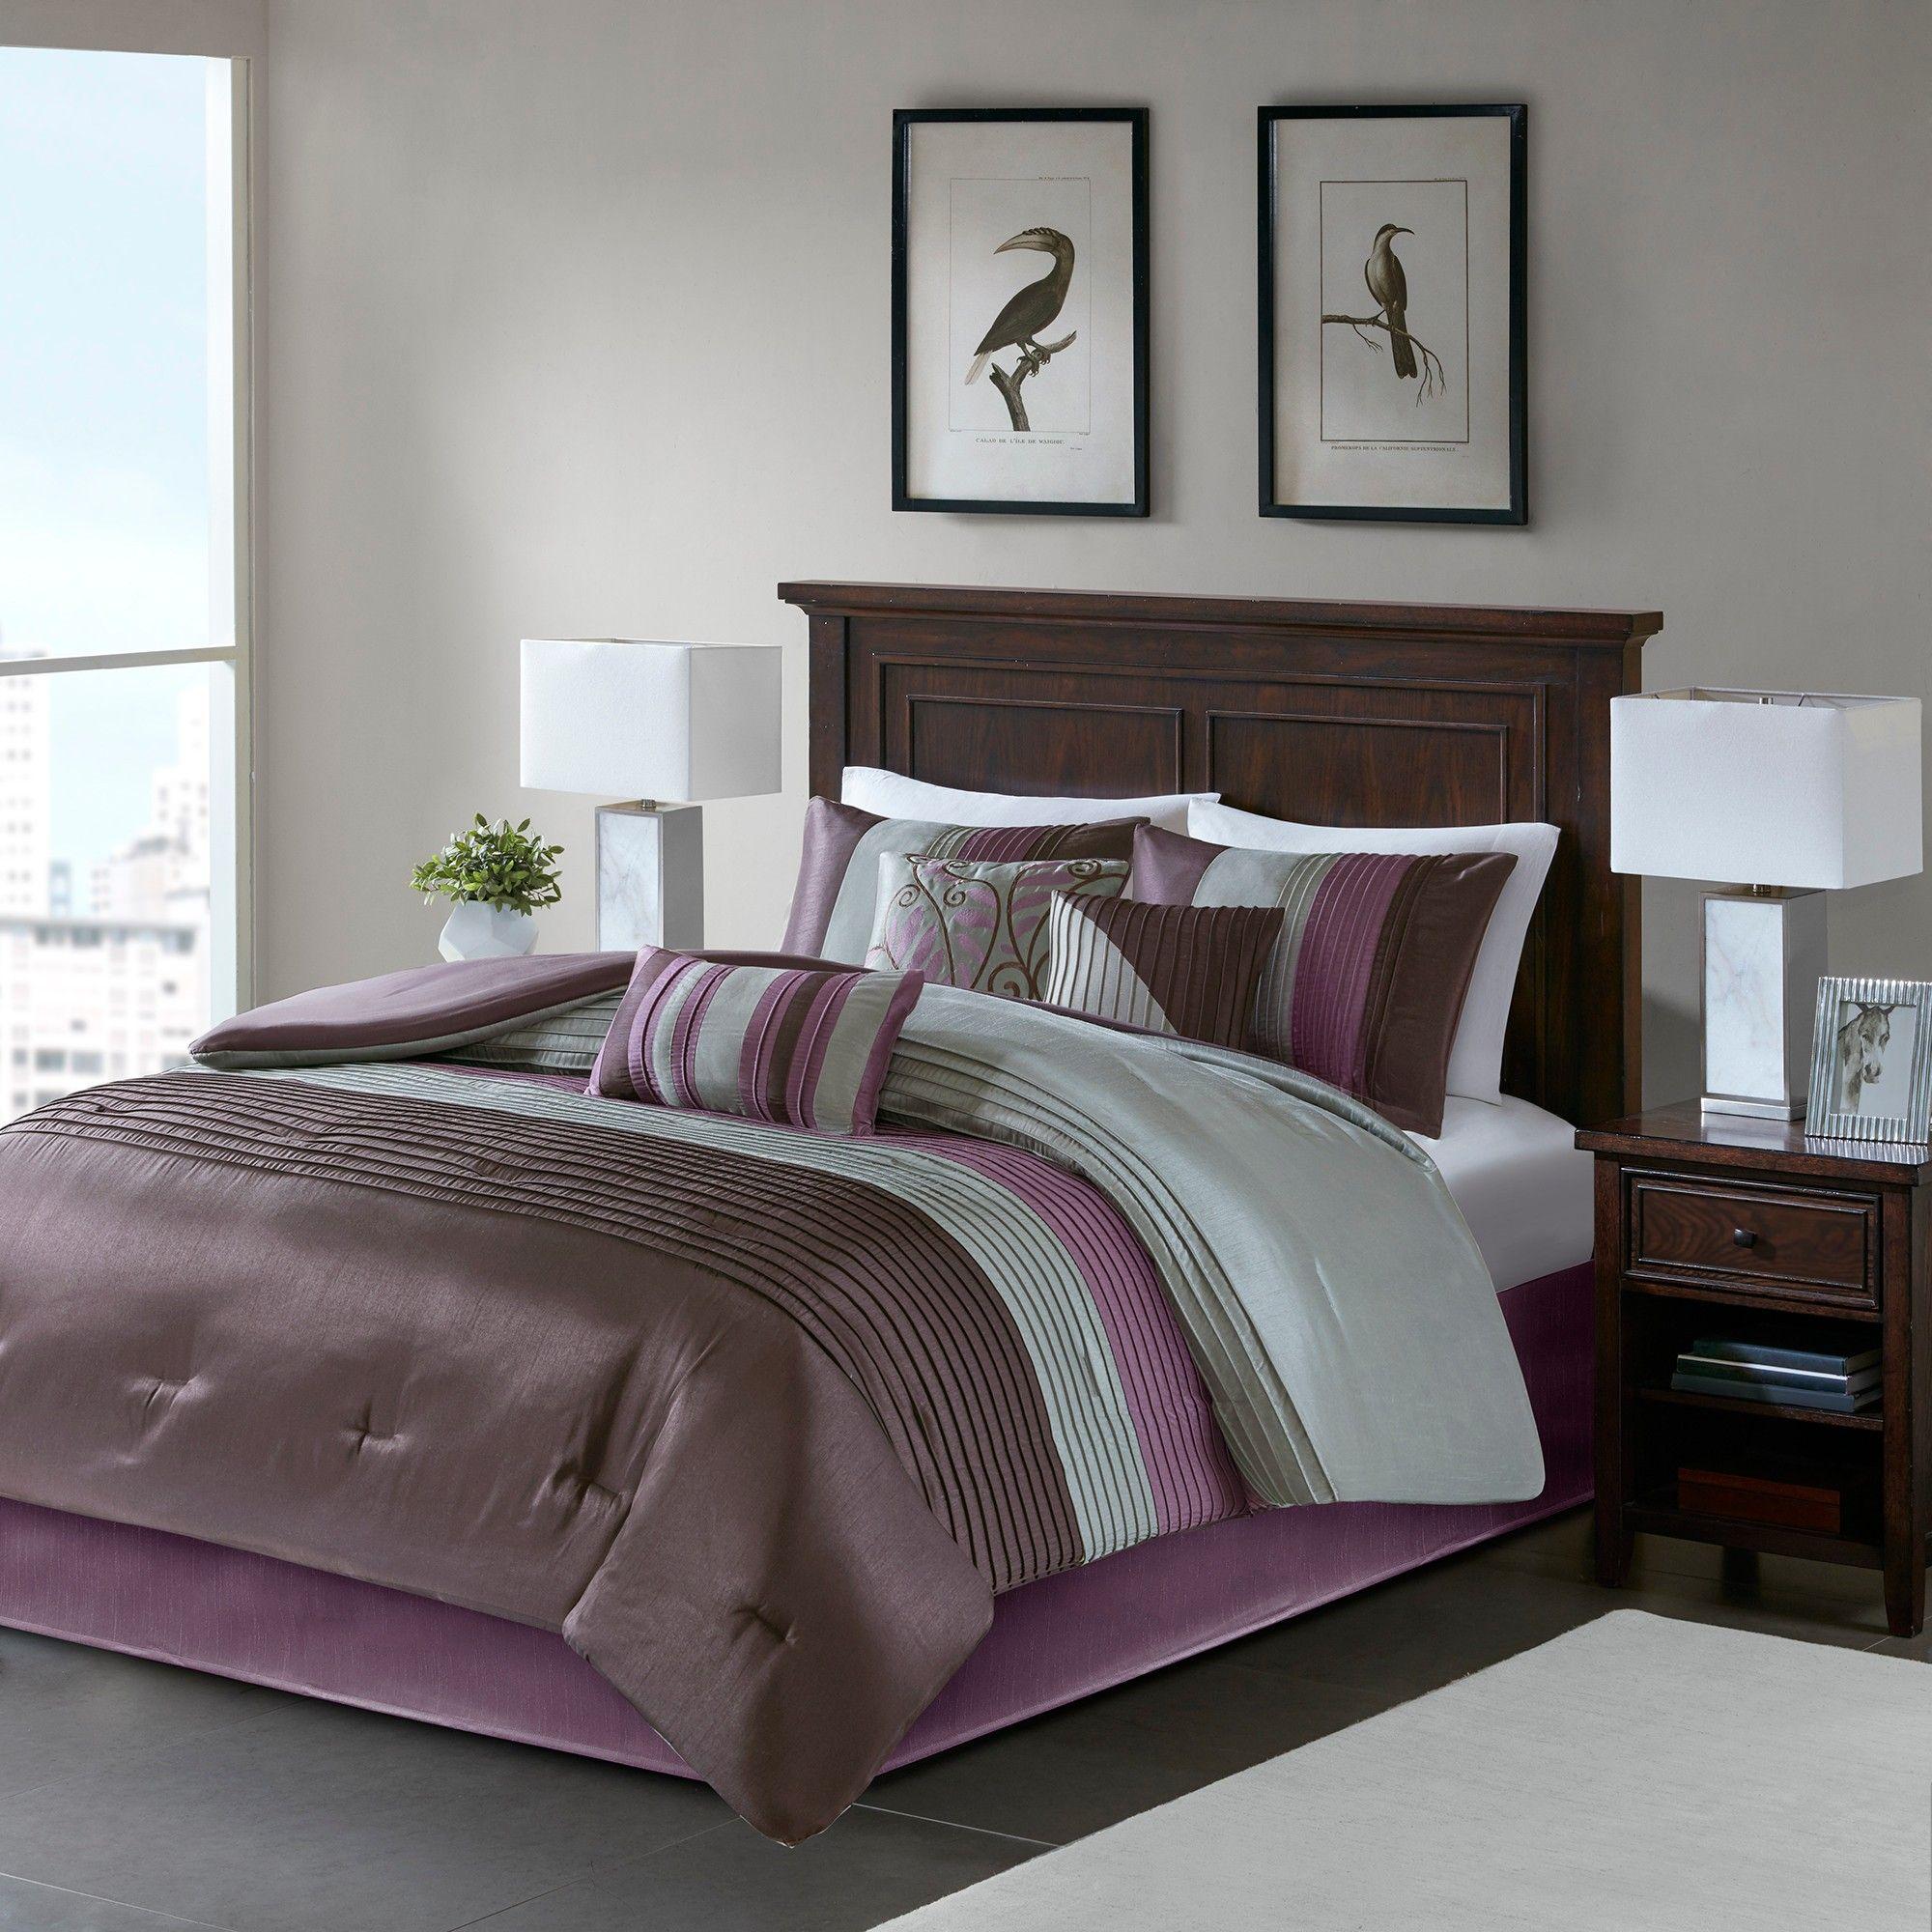 Salem 7 Piece Comforter Set Purple California King Comforter Sets Bed Comforter Sets Bed Comforters Purple california king comforter sets